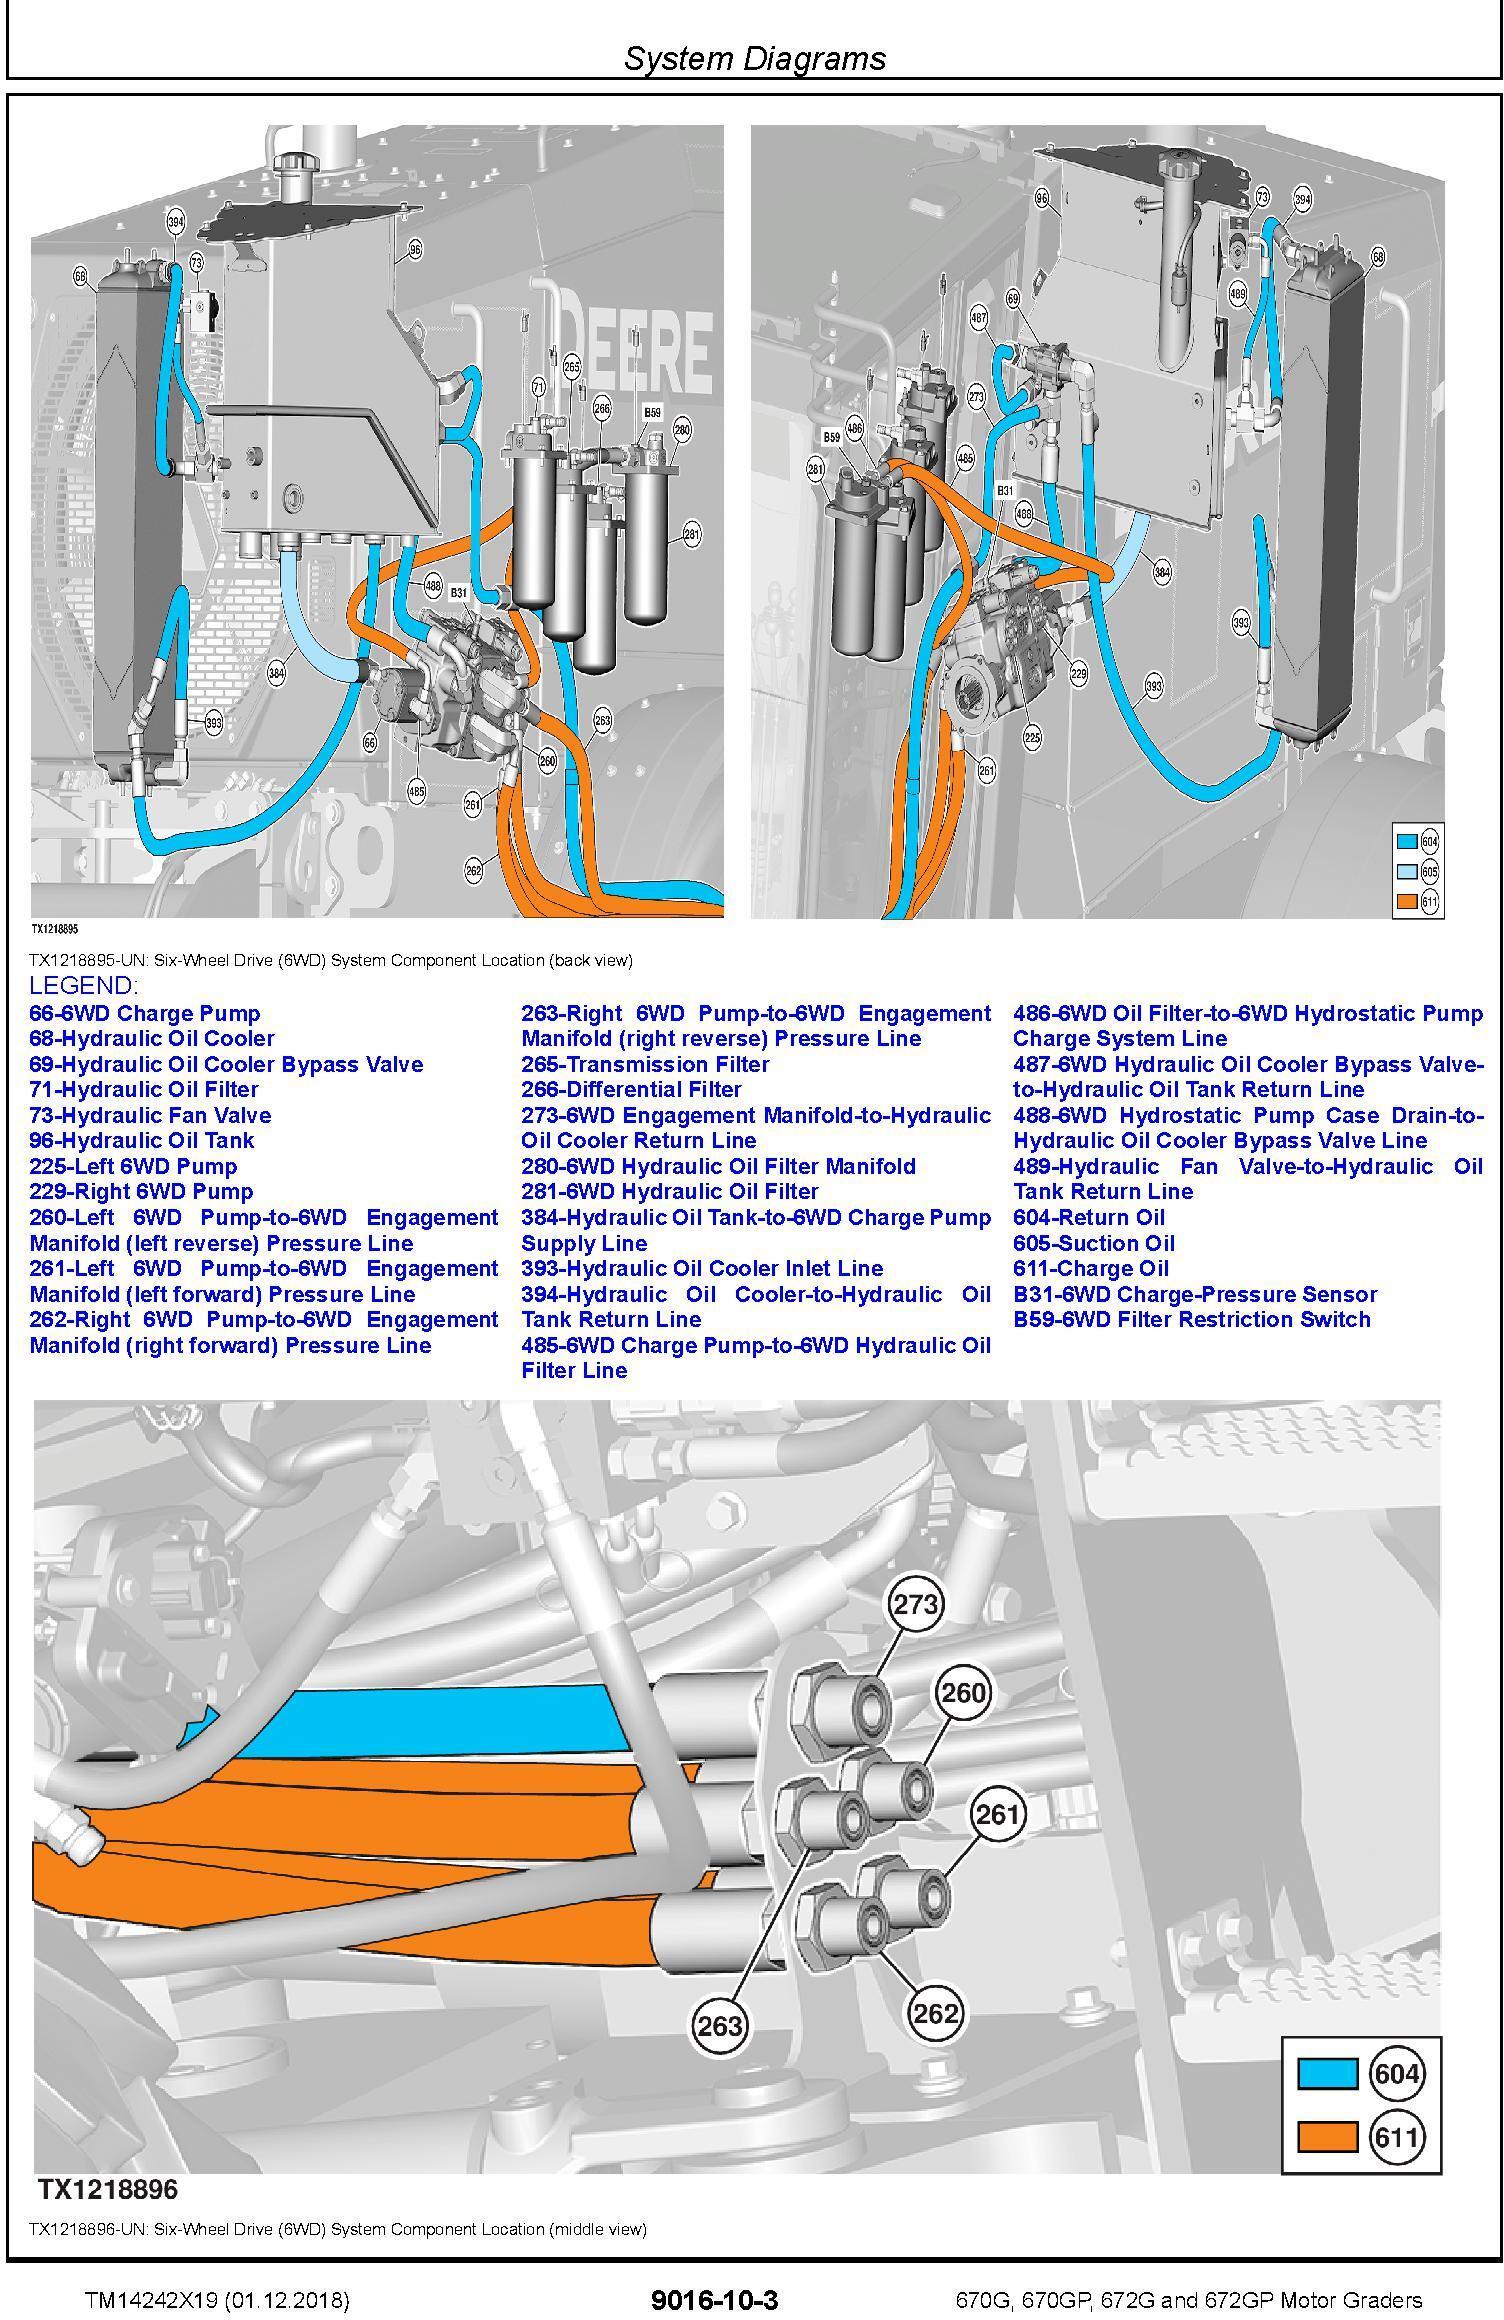 John Deere 670G,670GP, 672G,672GP (SN.F680878-,L700954) Motor Graders Diagnostic Manual (TM14242X19) - 3